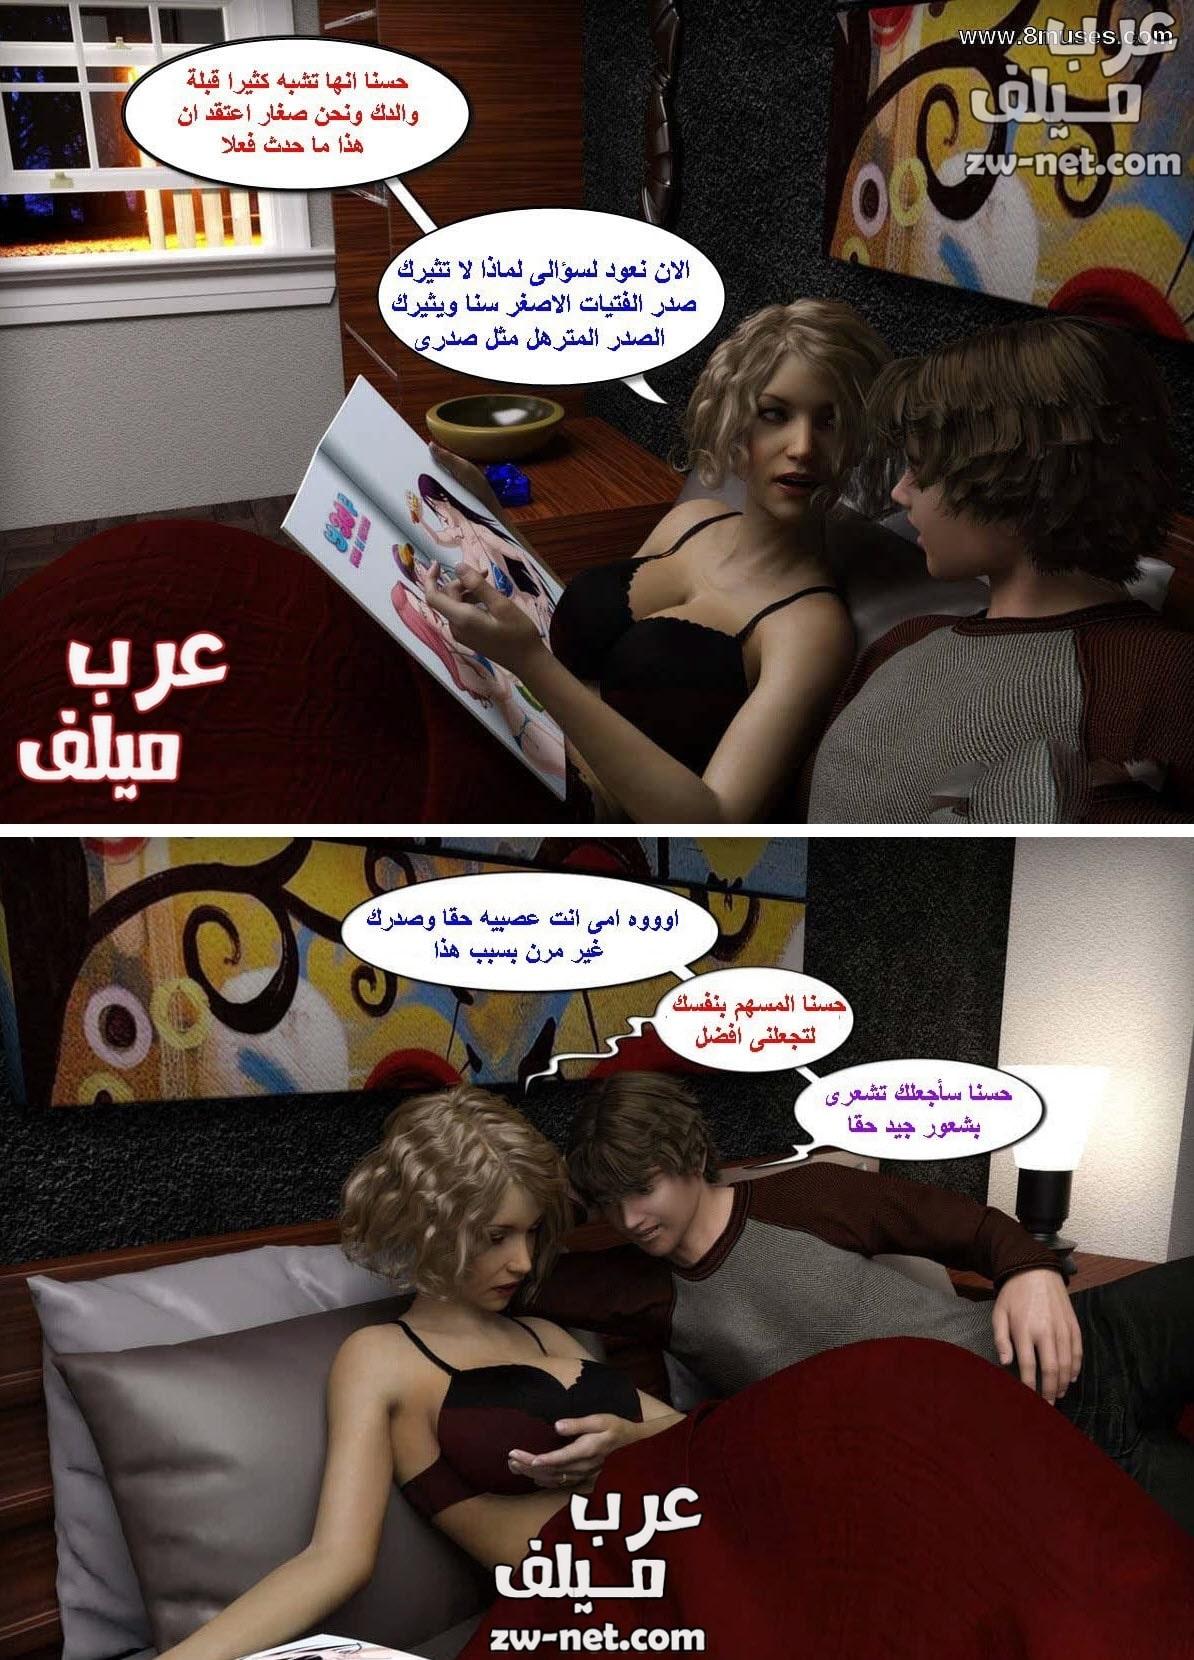 قصص سكس مصورة مترجمة عربي